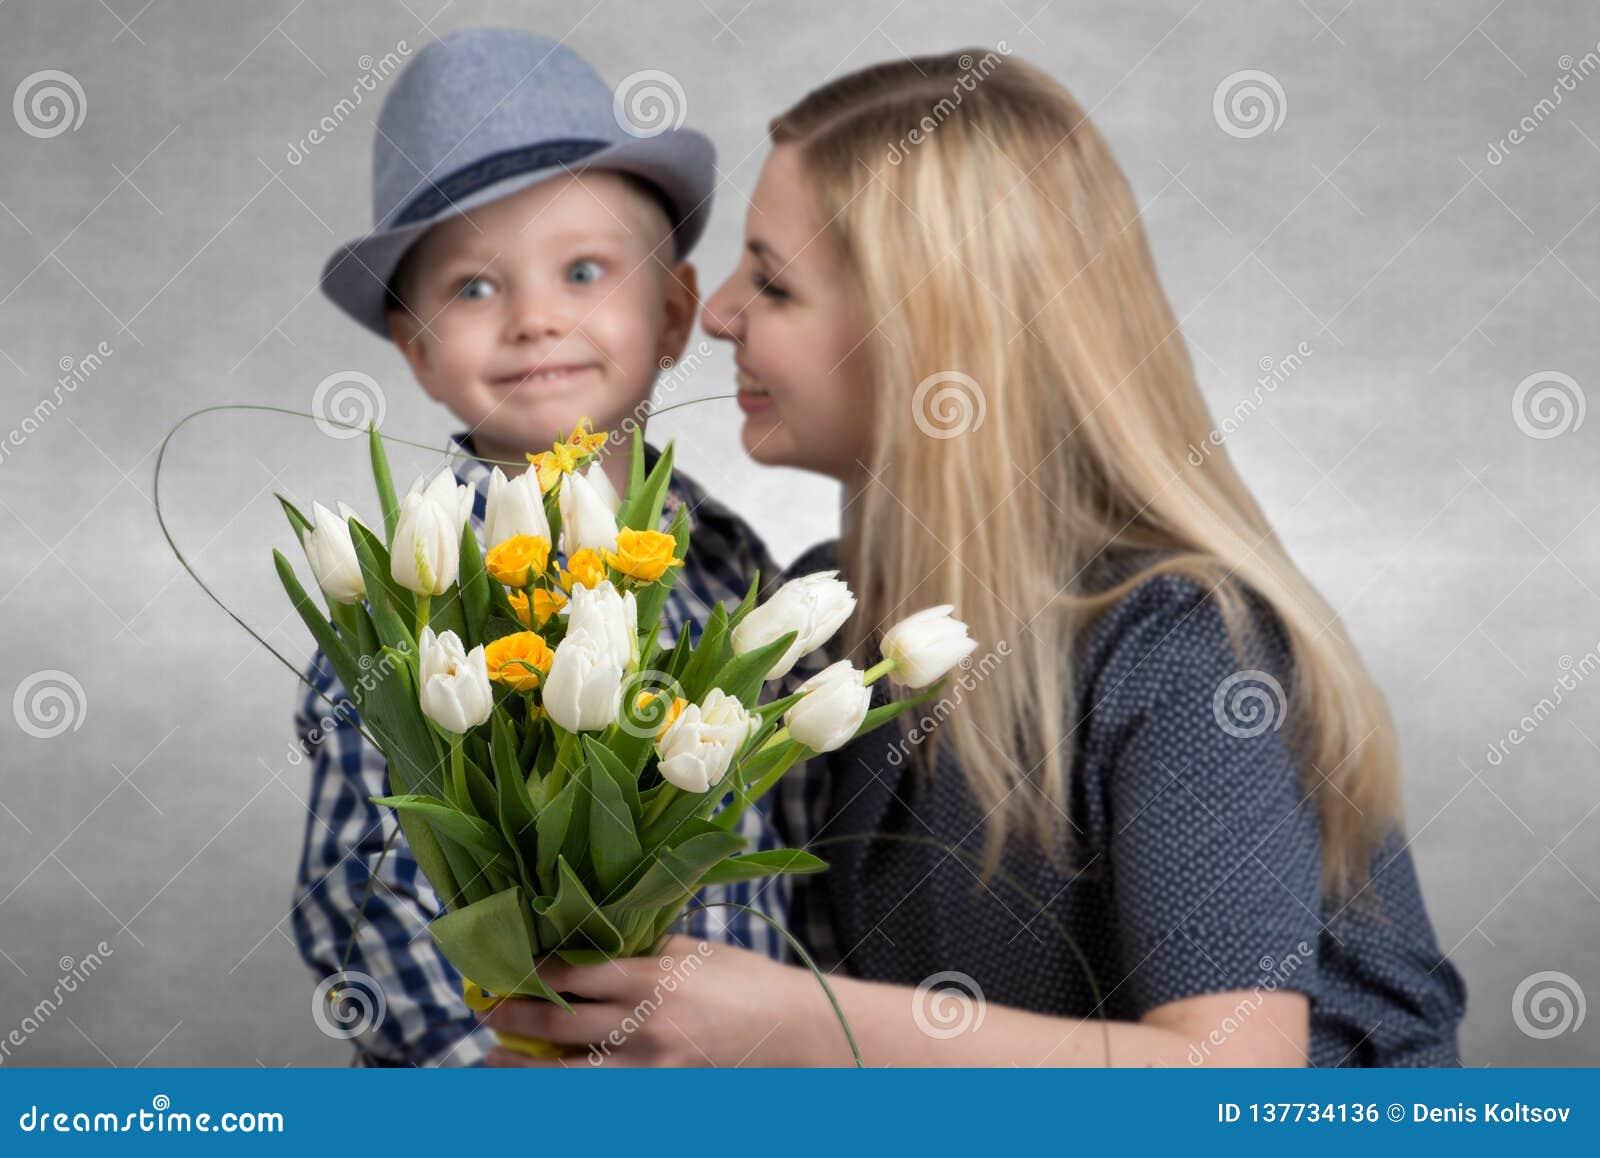 Ο μικρός γιος δίνει στην αγαπημένη μητέρα του μια ανθοδέσμη των όμορφων τουλιπών Άνοιξη, έννοια των οικογενειακών διακοπών Ανθοδέ